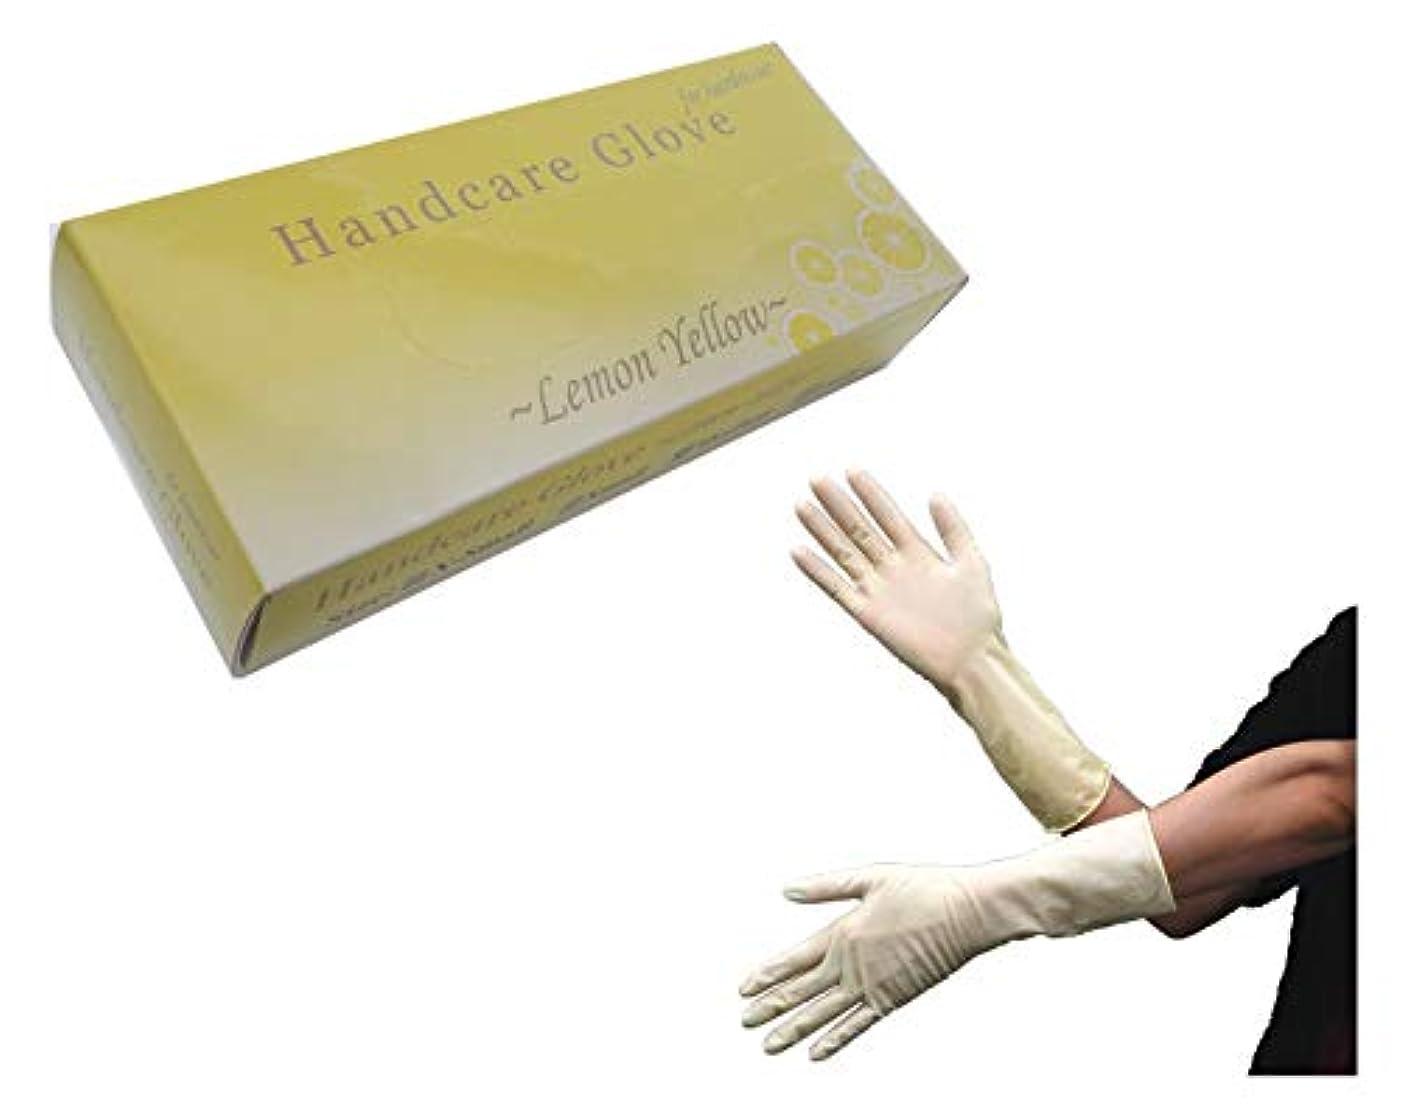 障害歩き回る程度【リニューアル】サンフラワー ハンドケアグローブ レモンイエロー ゴム手袋 Mサイズ 50枚入り